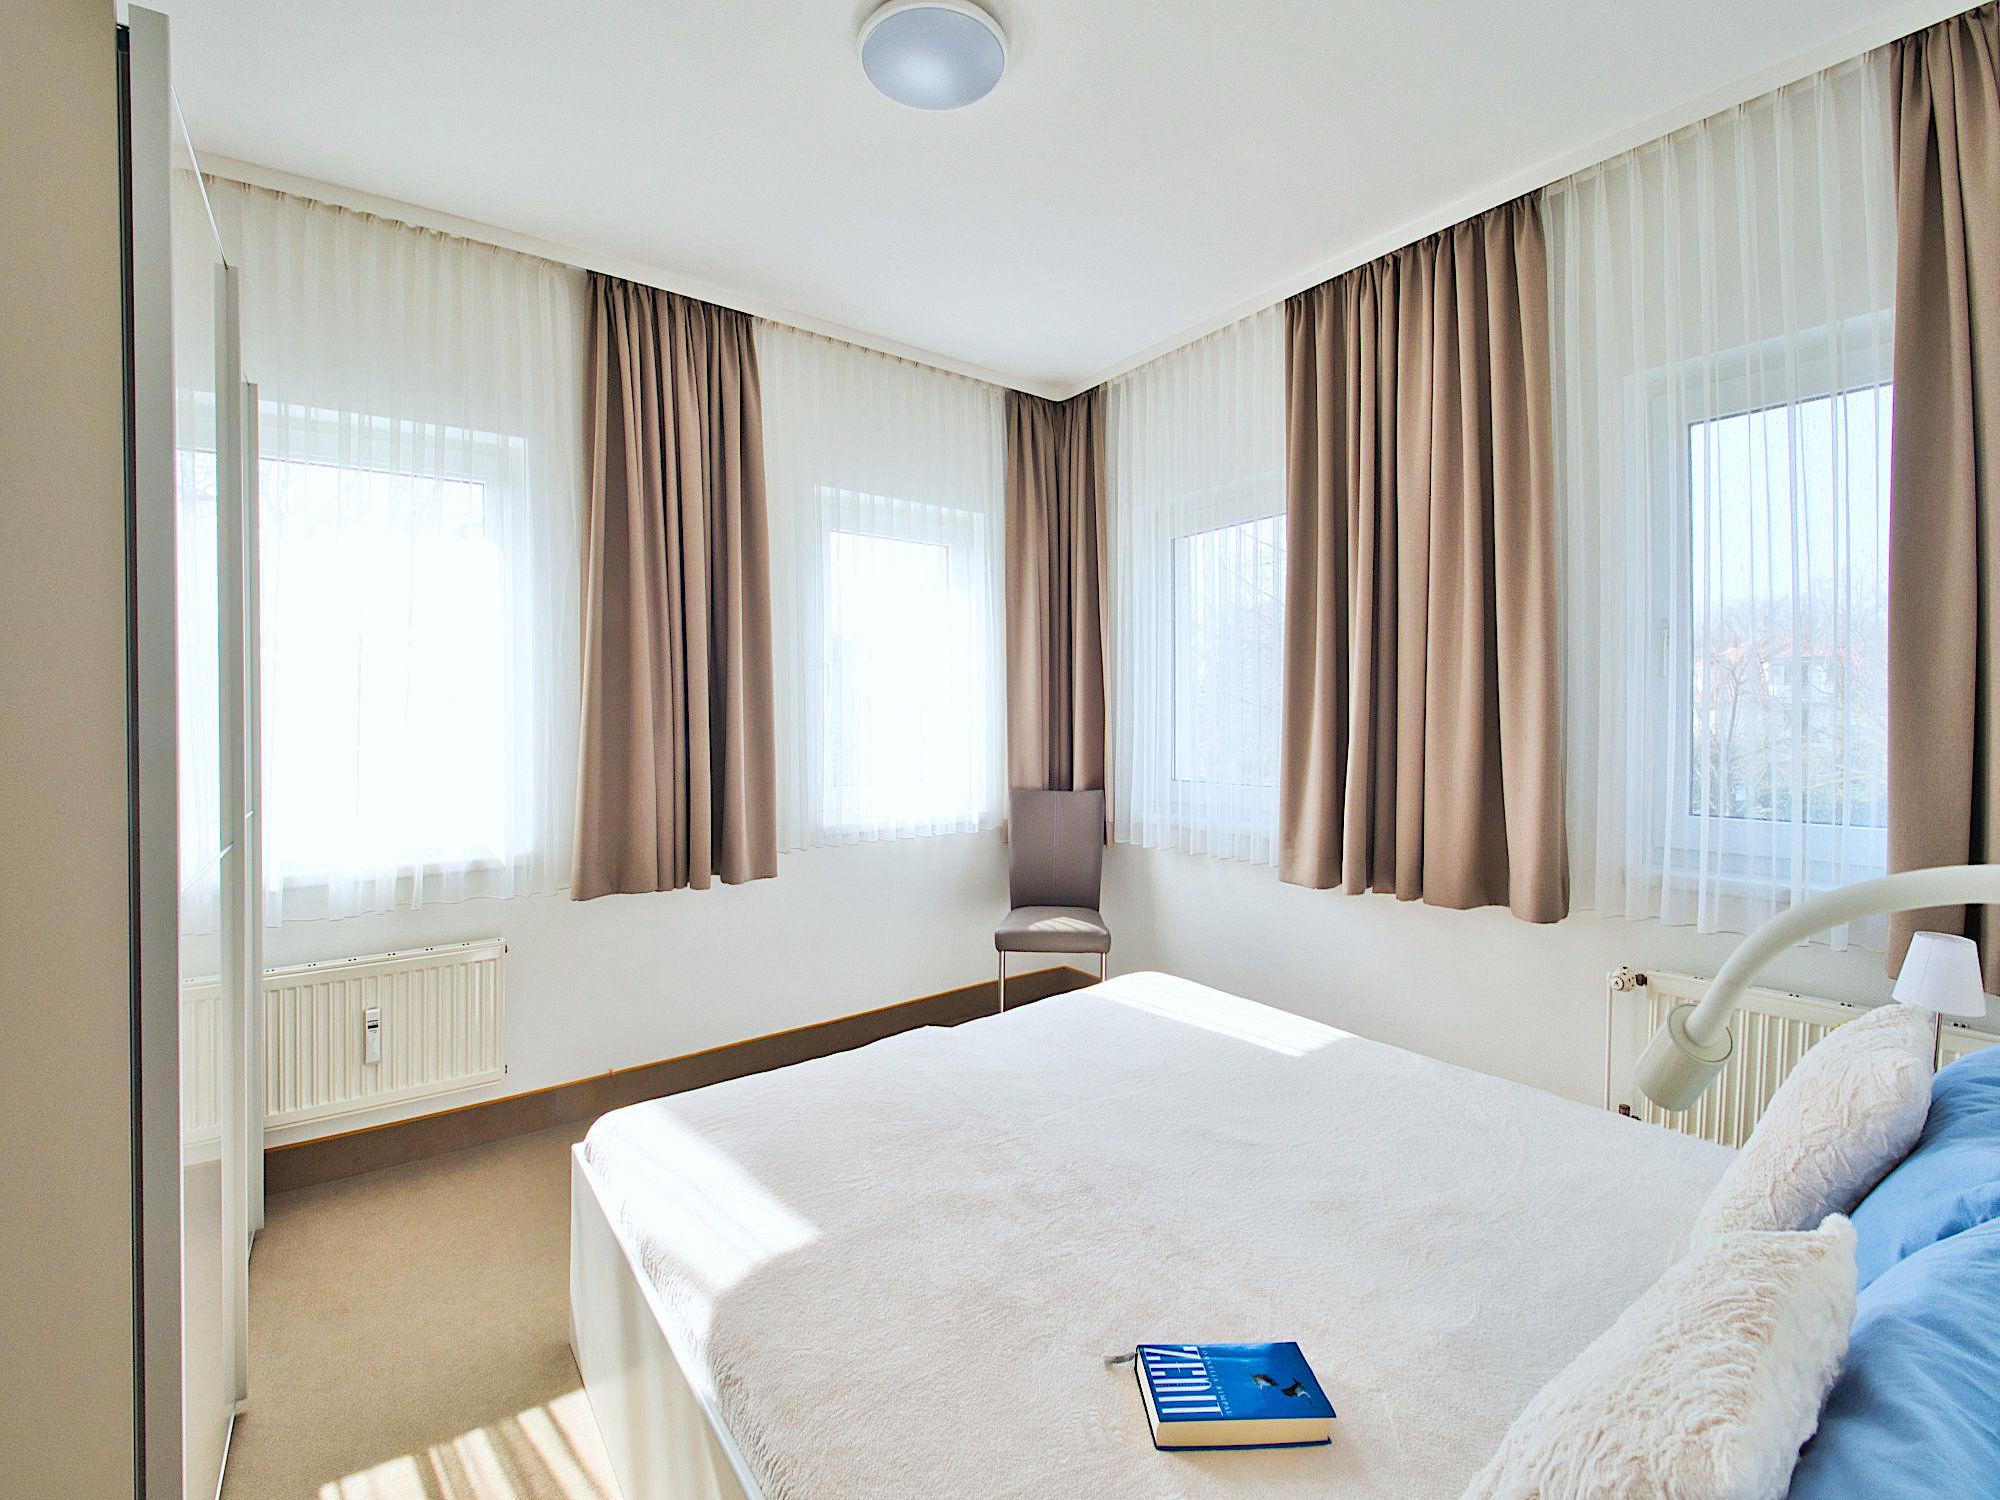 Zweites Schlafzimmer mit Doppelbett, an zwei Wänden jeweils 2 Fenster, links ein großer Kleiderschrank